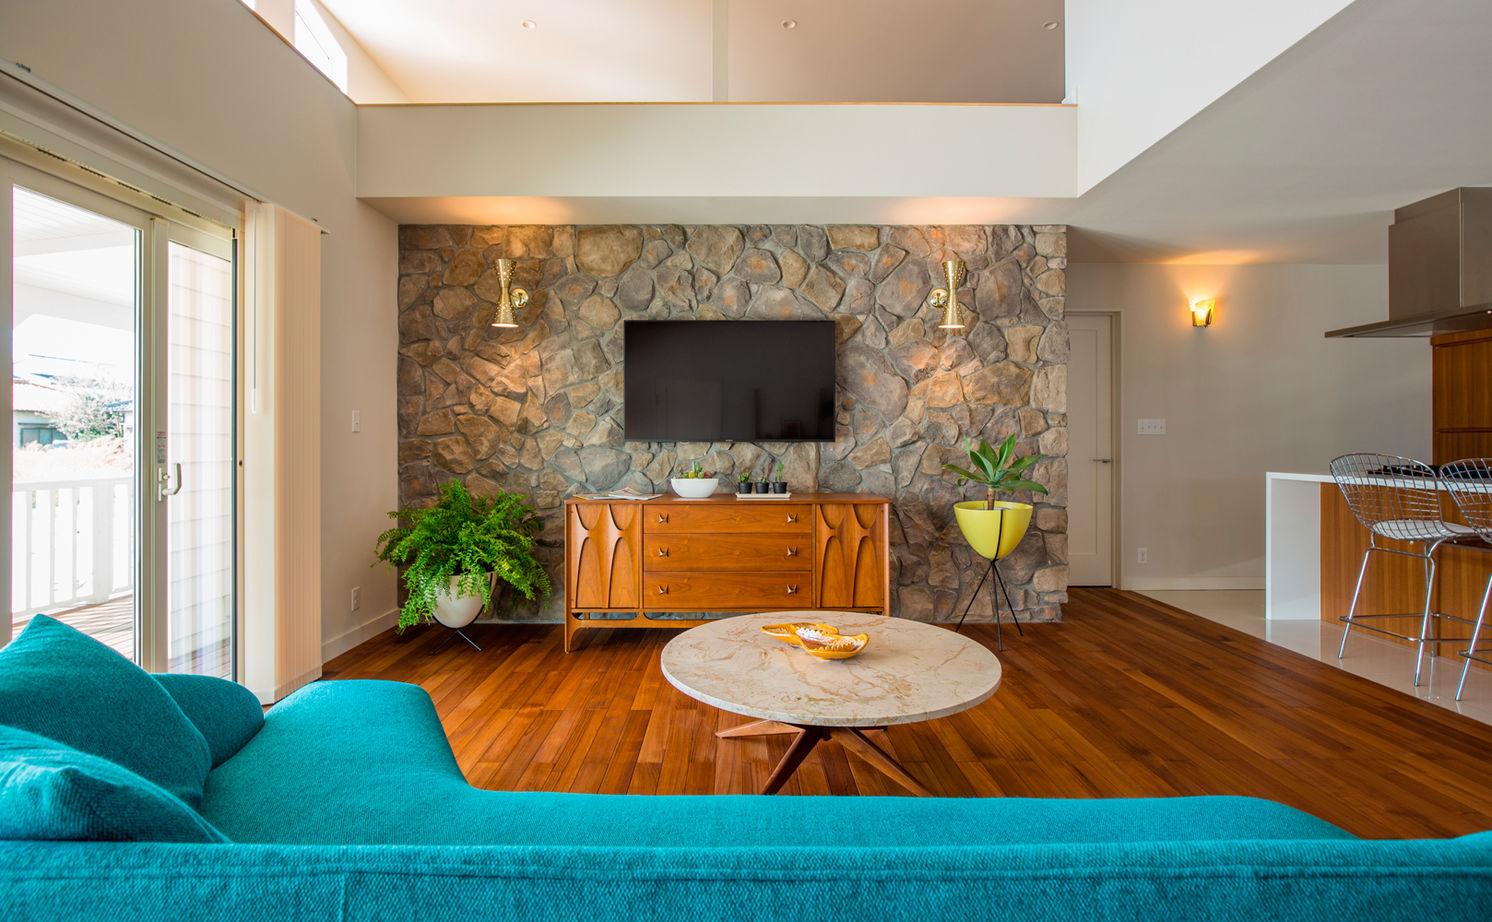 【アメリカンスタイル×平屋】無垢材など素材の質感にこだわった、ミッドセンチュリー家具が映える家画像3